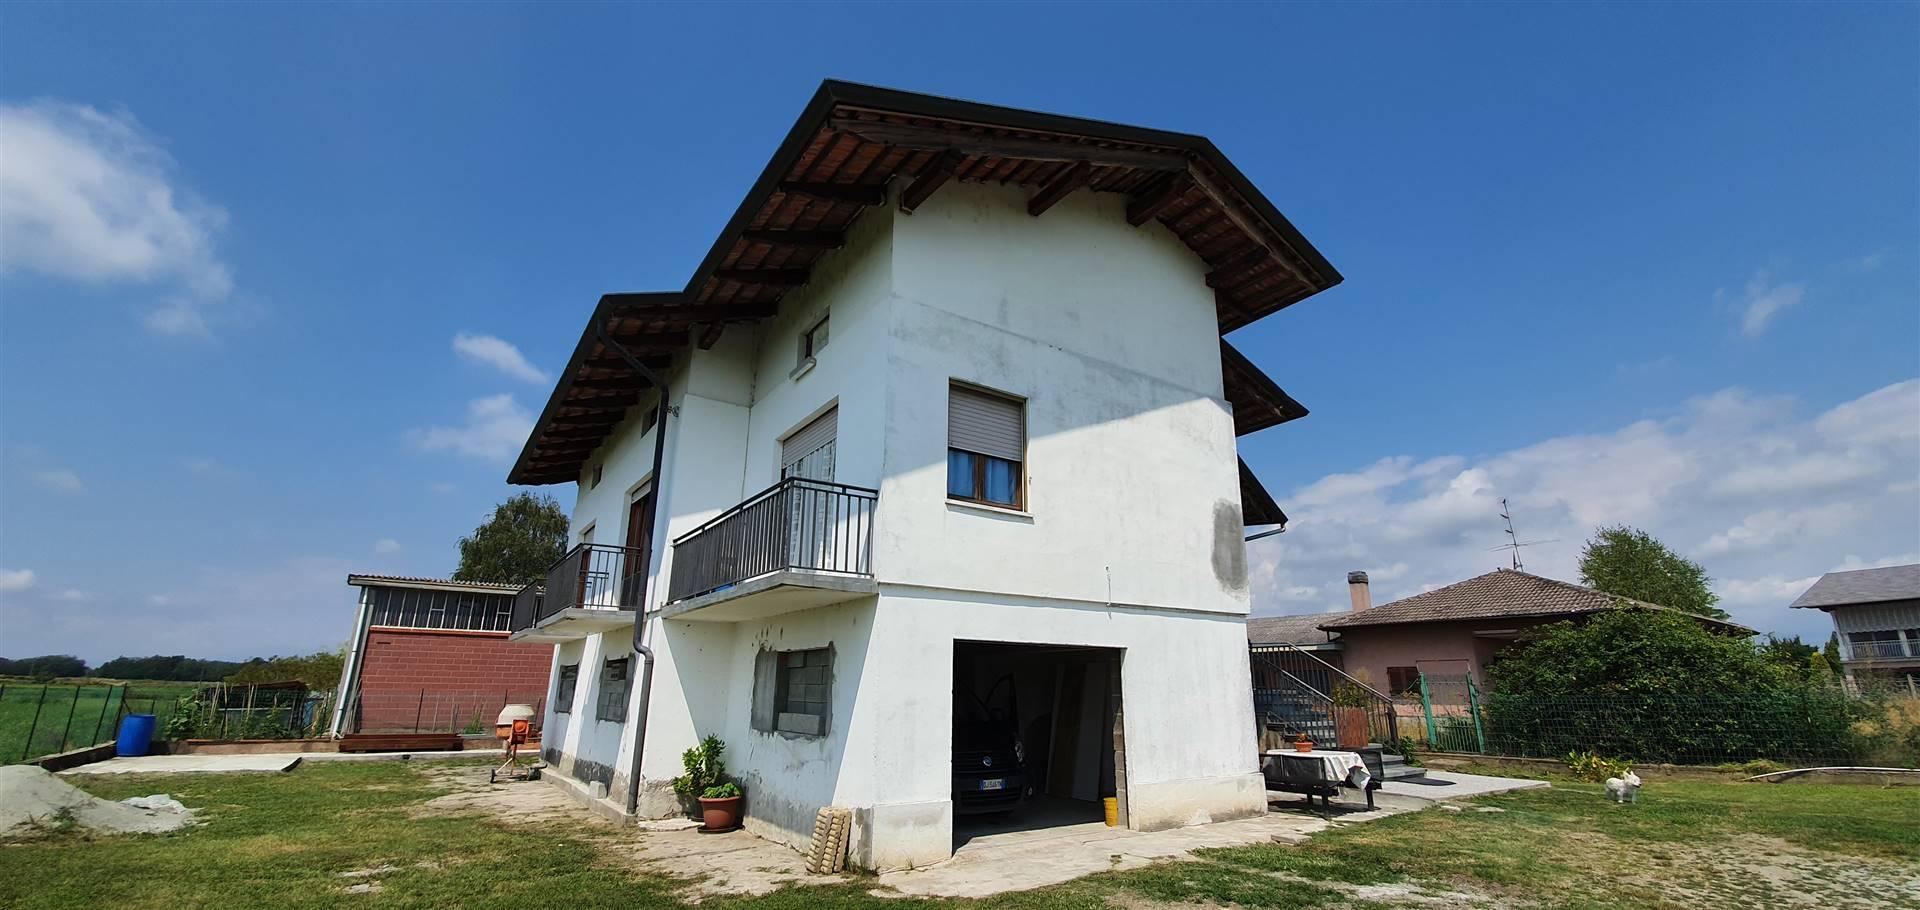 Soluzione Indipendente in vendita a Rovasenda, 4 locali, prezzo € 139.000 | PortaleAgenzieImmobiliari.it